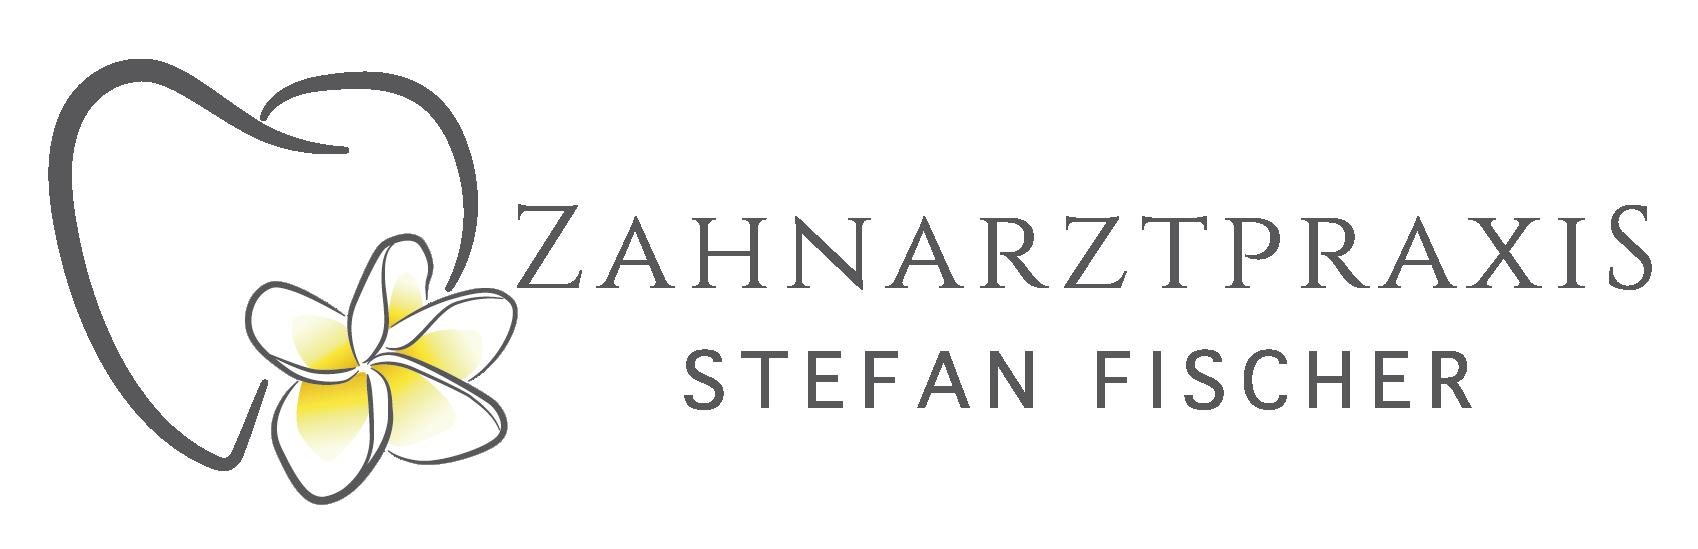 Zahnarztpraxis Stefan Fischer Logo